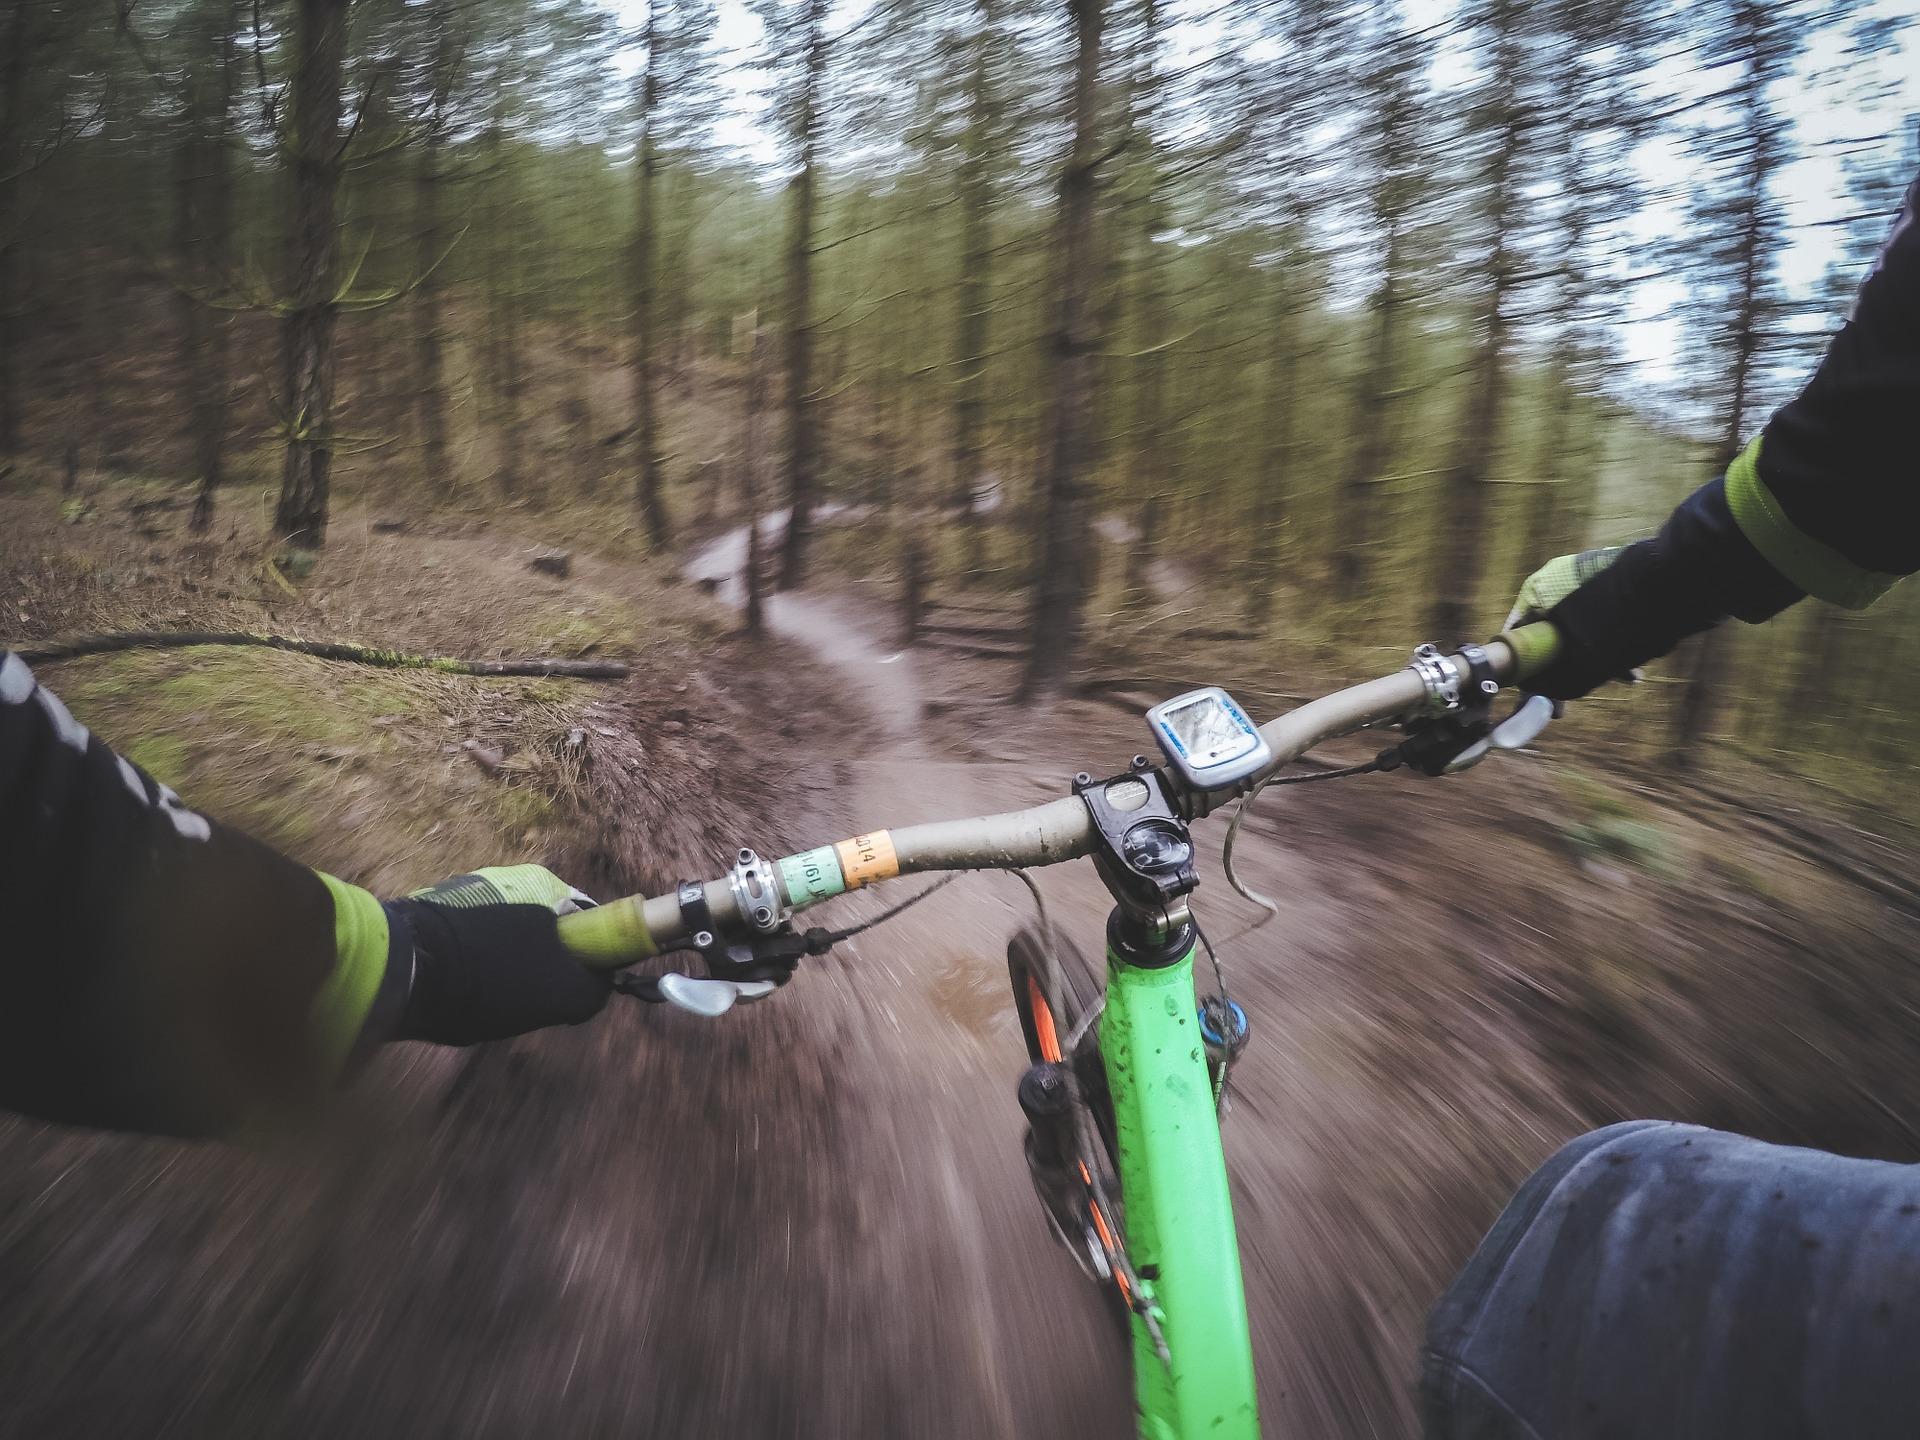 サイクリング, 自転車, 山, リスク, 終わり - HD の壁紙 - 教授-falken.com